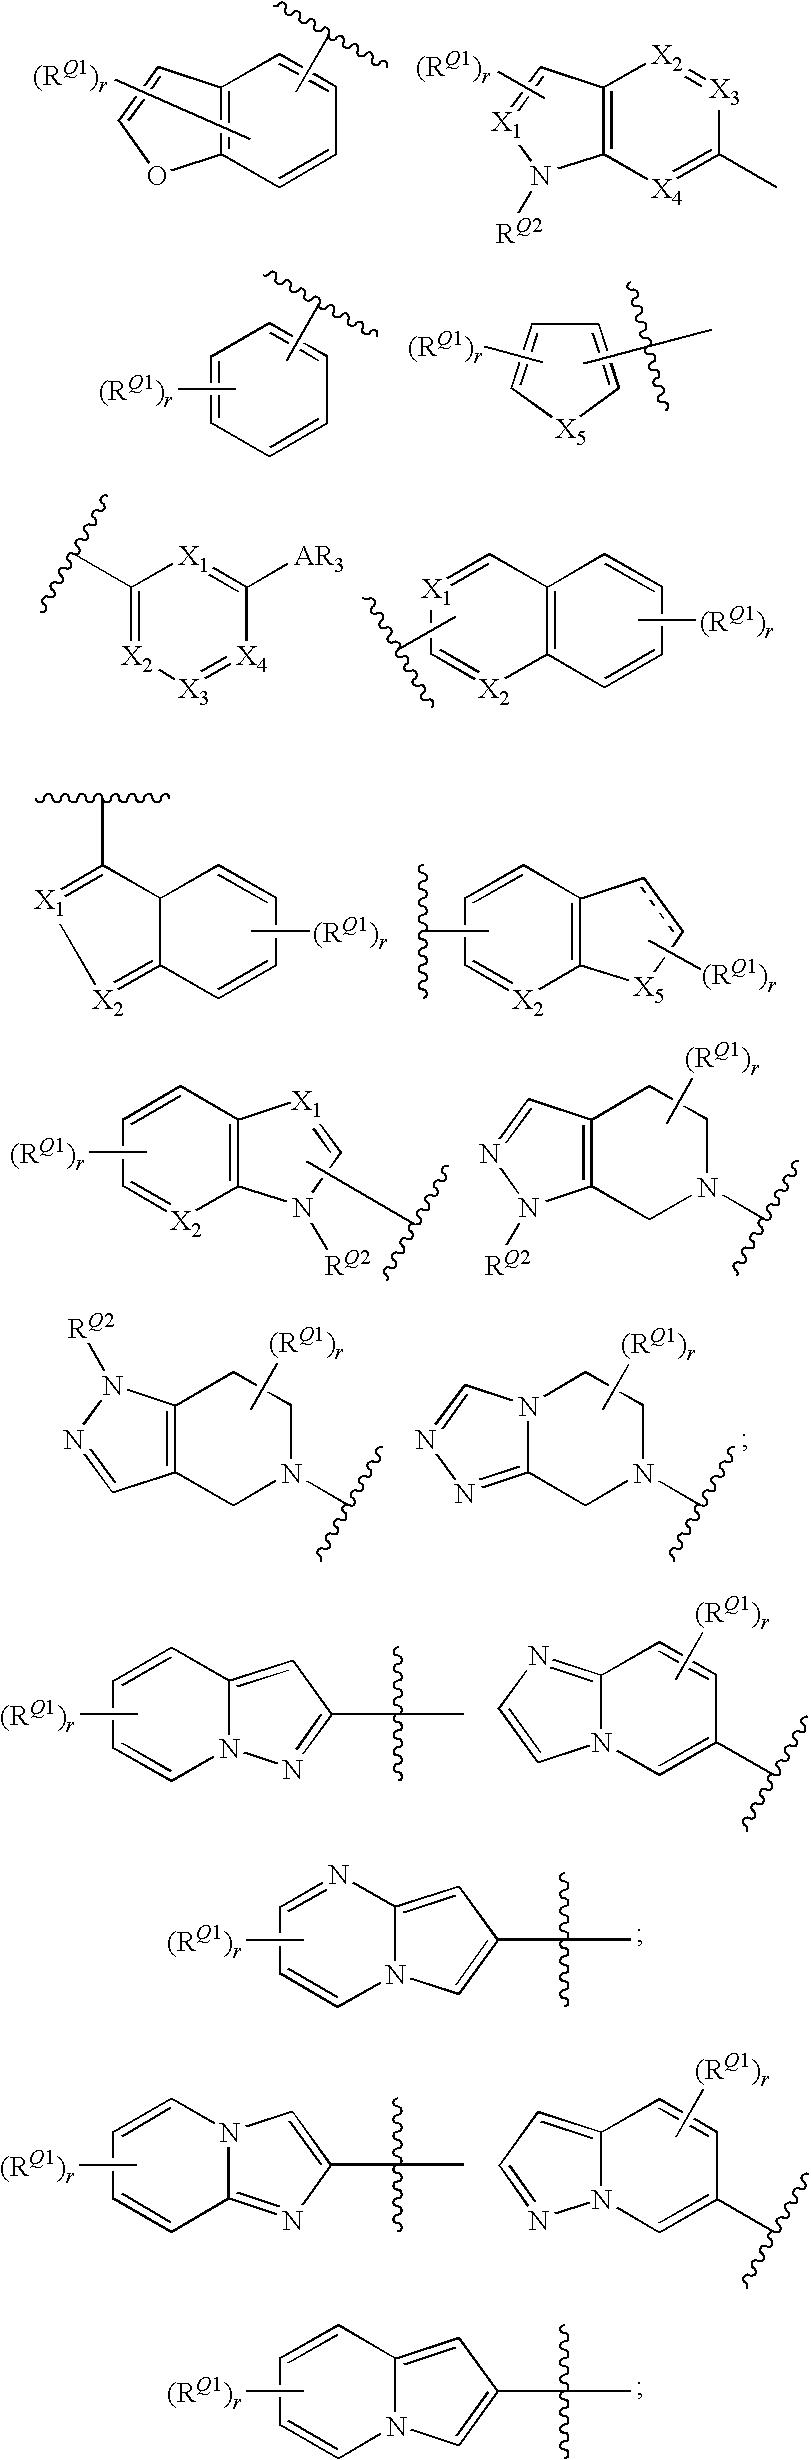 Figure US07745460-20100629-C00067